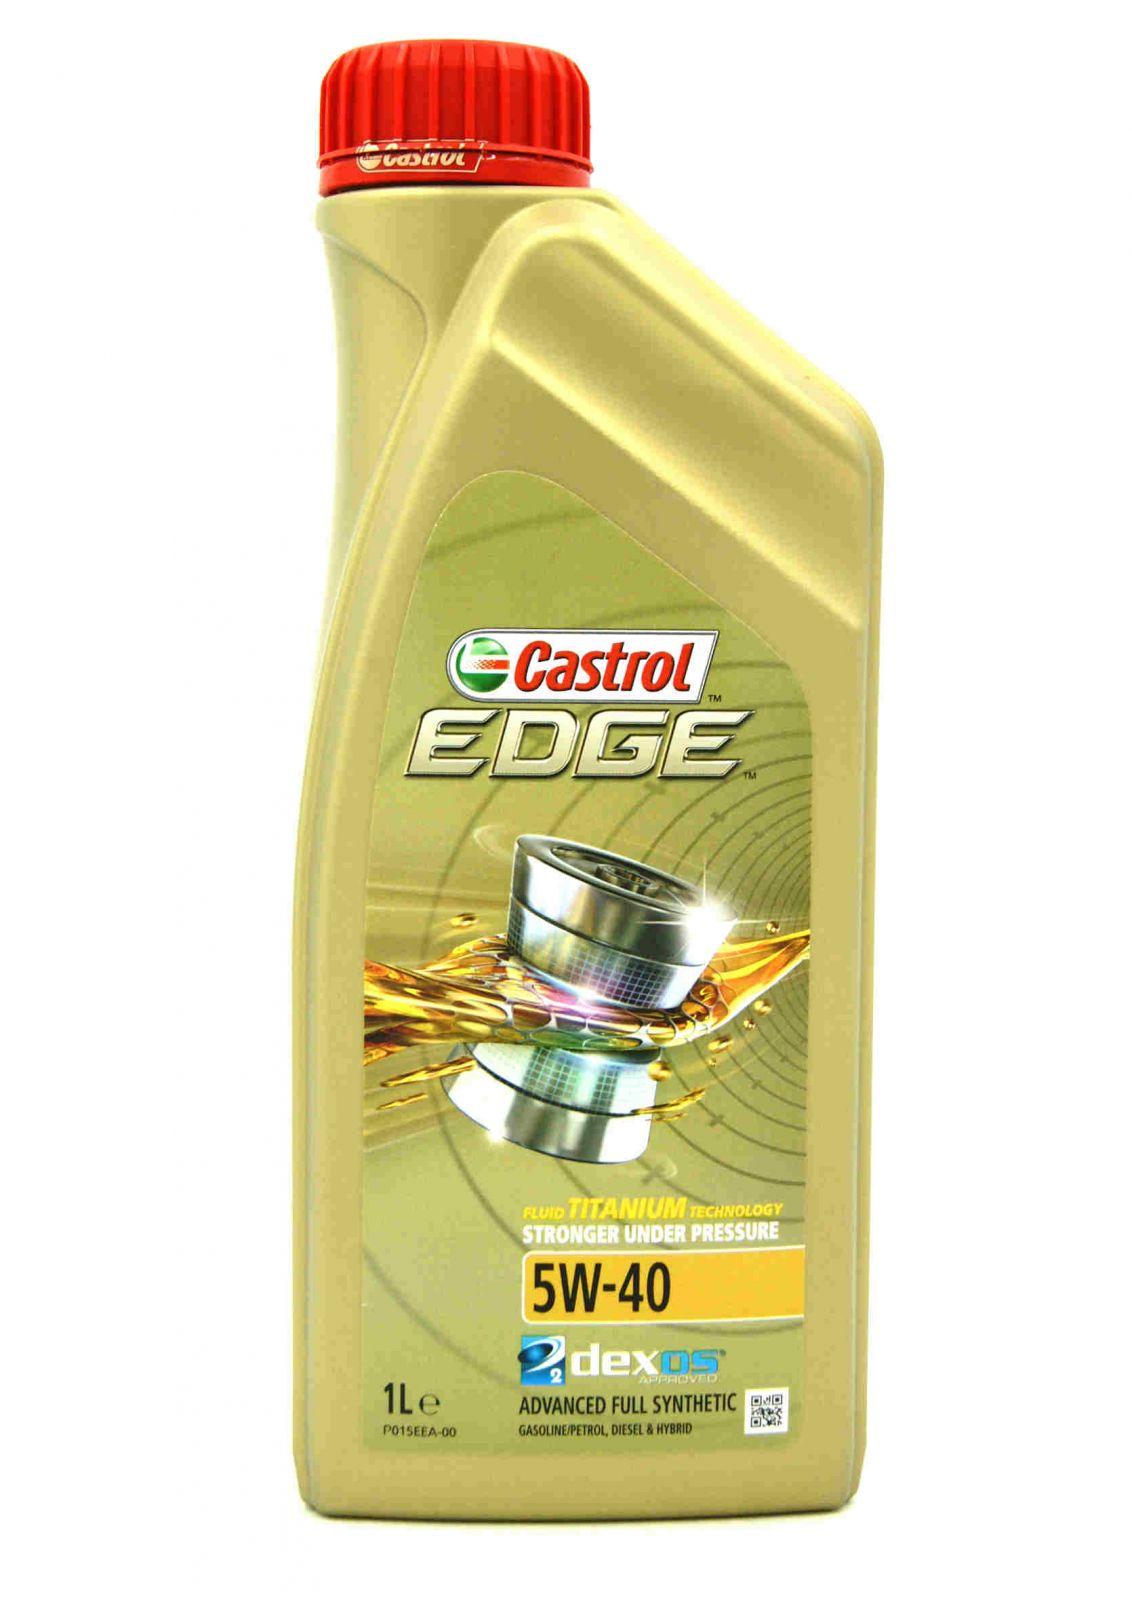 CASTROL EDGE 5W-40 TITANIUM FST 1L